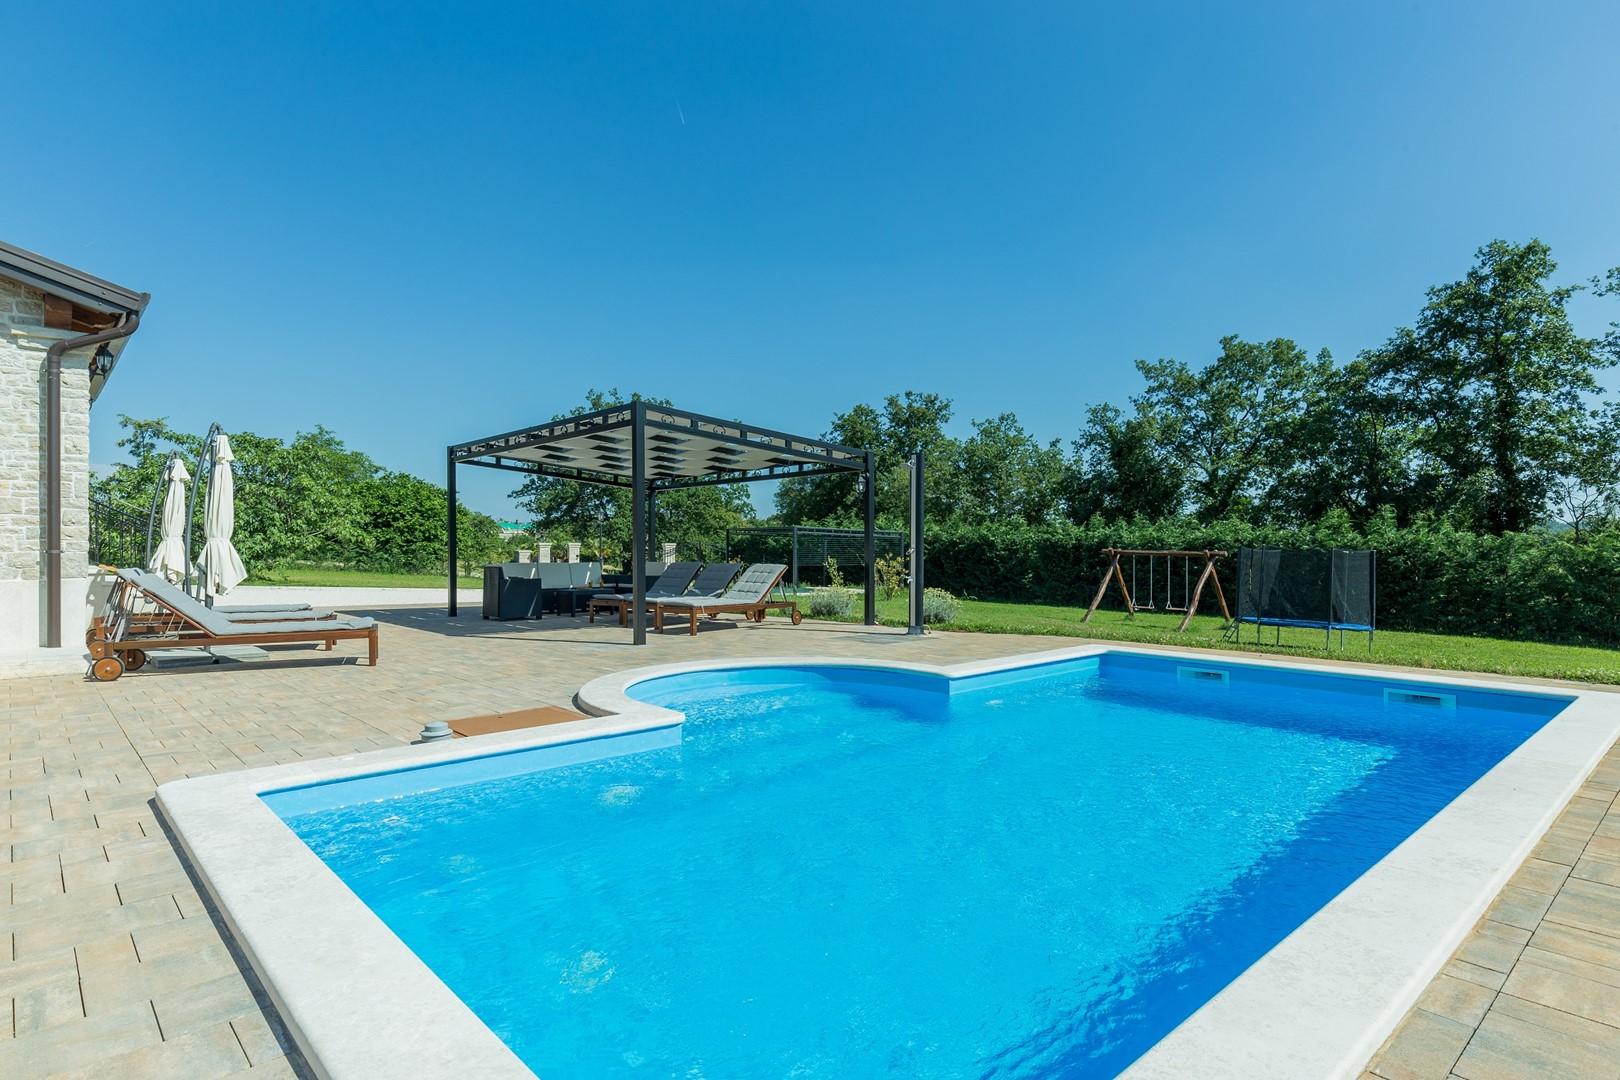 Ferienhaus Villa Elida mit Pool in abgelegene Lage - Zentral-Istrien (2789996), Pazin, , Istrien, Kroatien, Bild 32